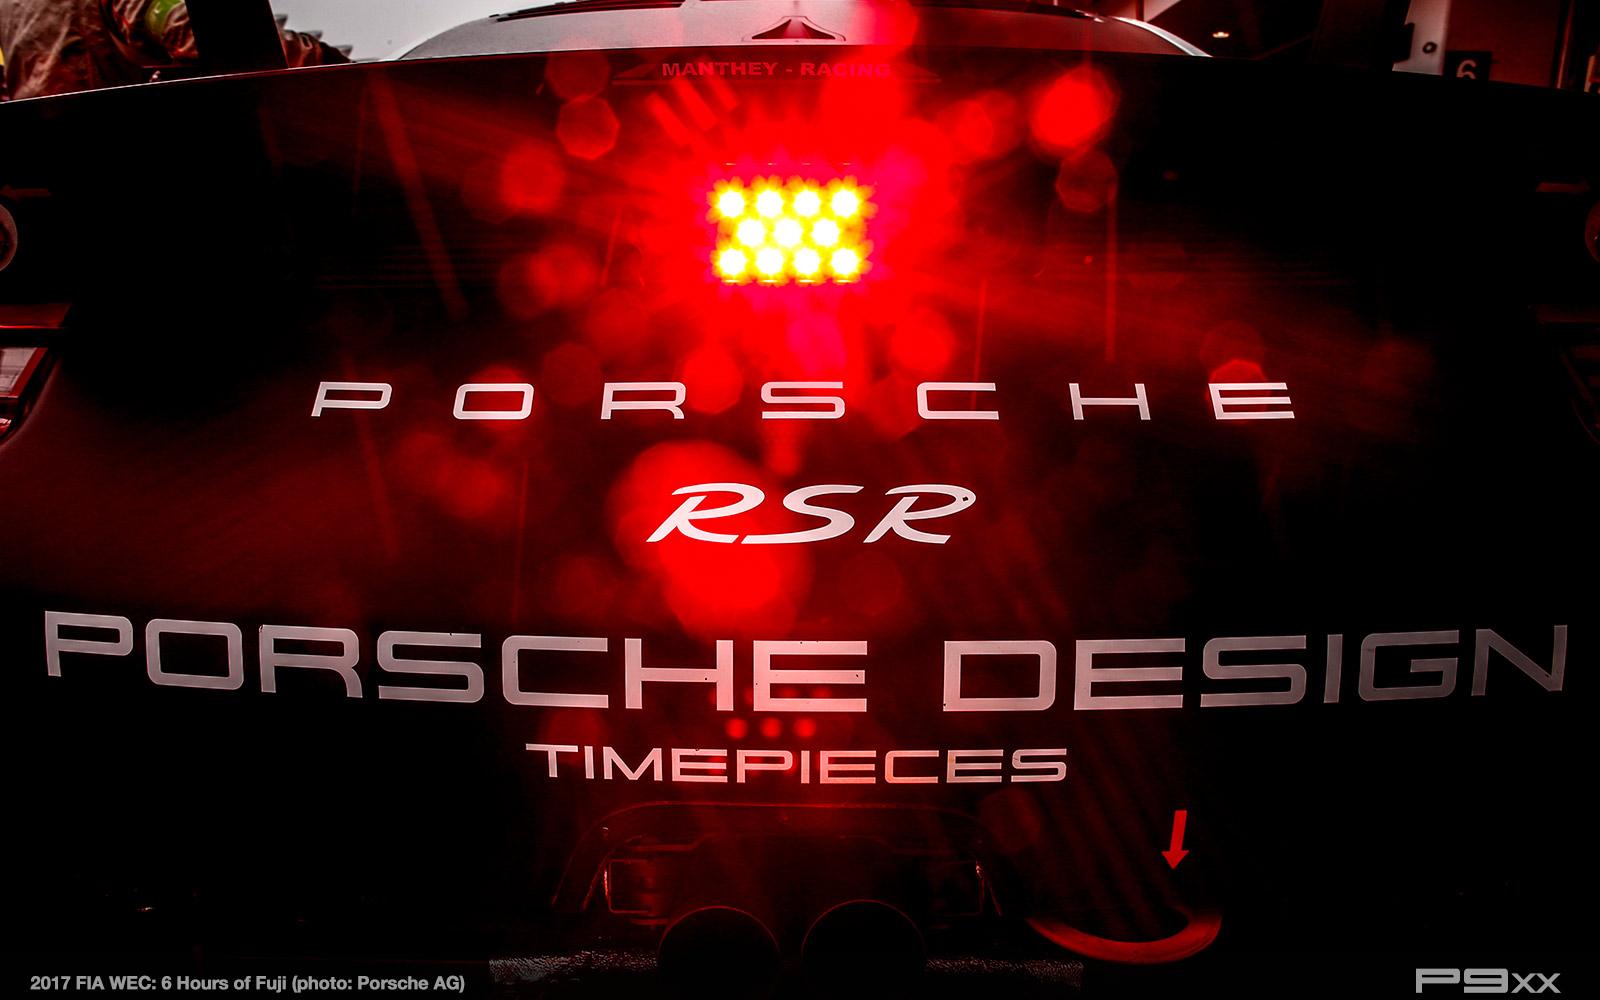 2017-FIA-WEC-6h-of-Fuji-Porsche-393